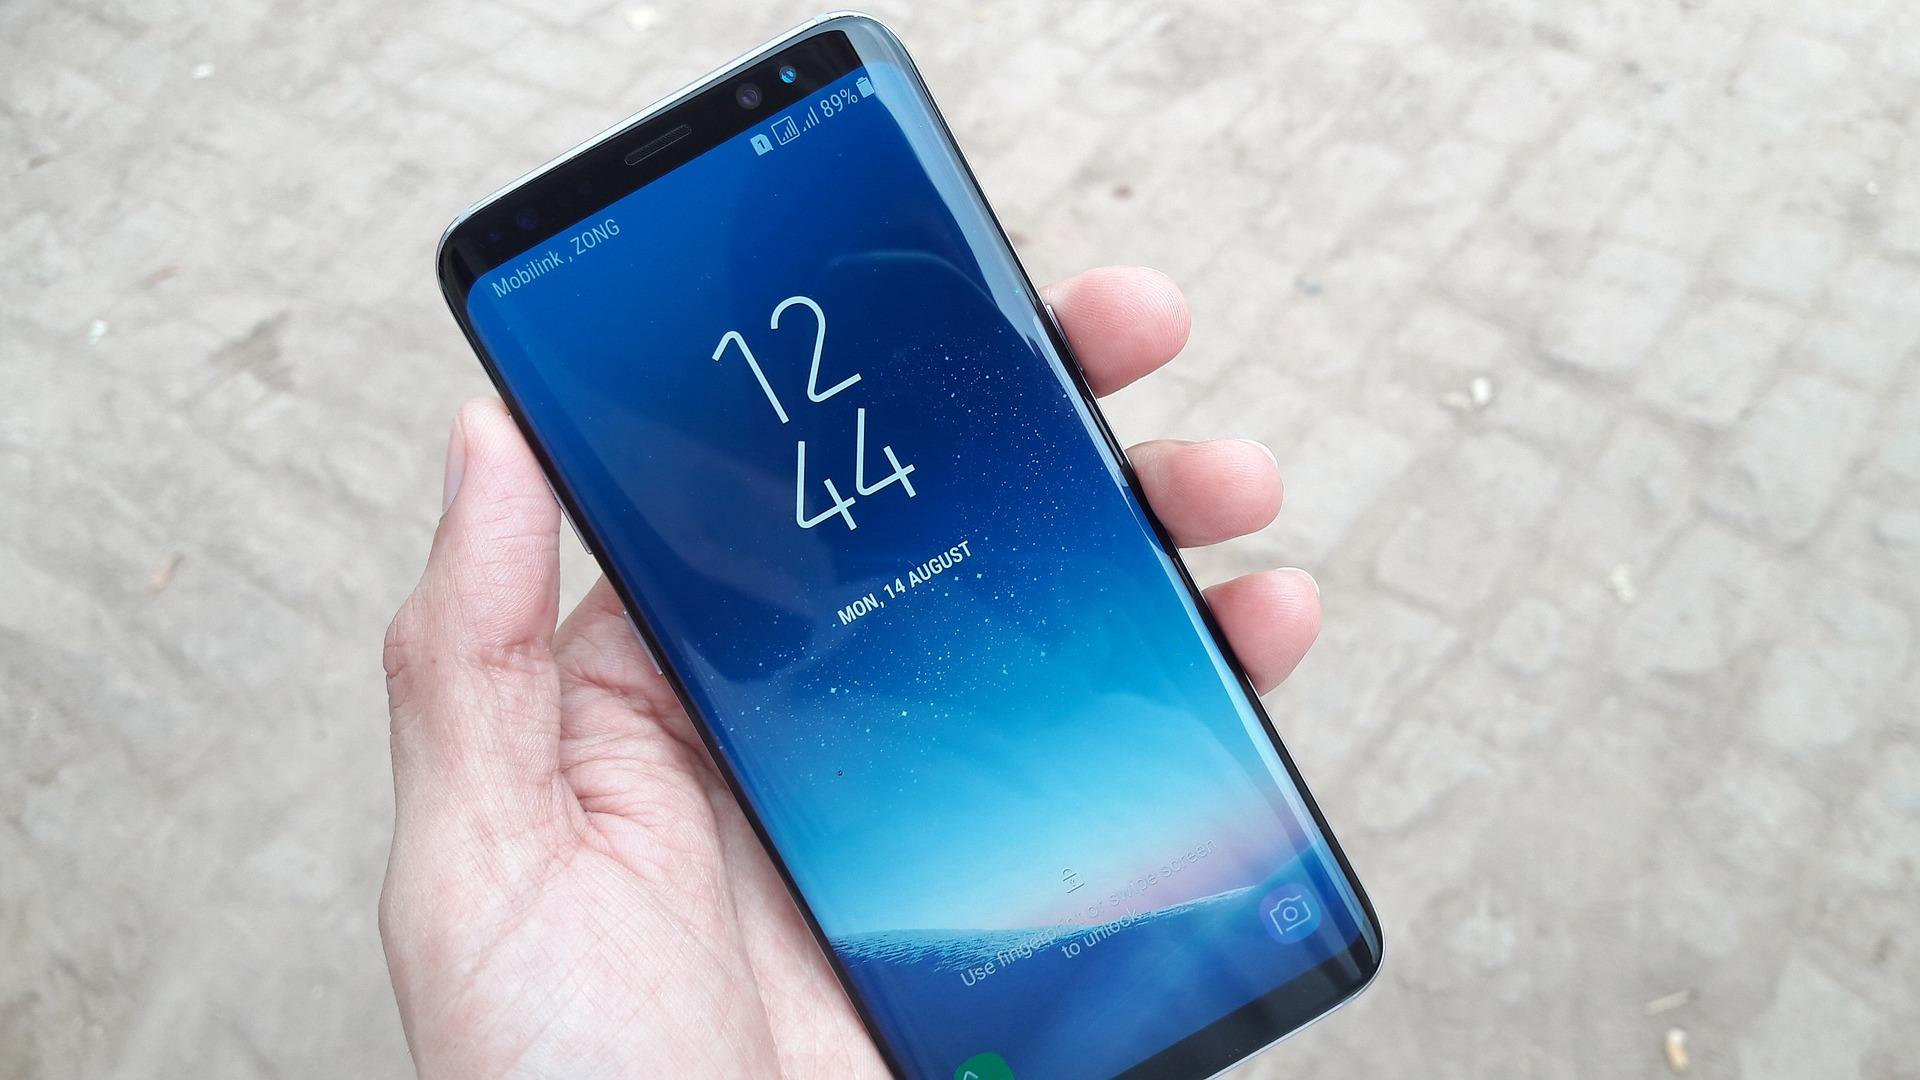 Samsung Endlich Bixby Update Mit Deaktivierung Der